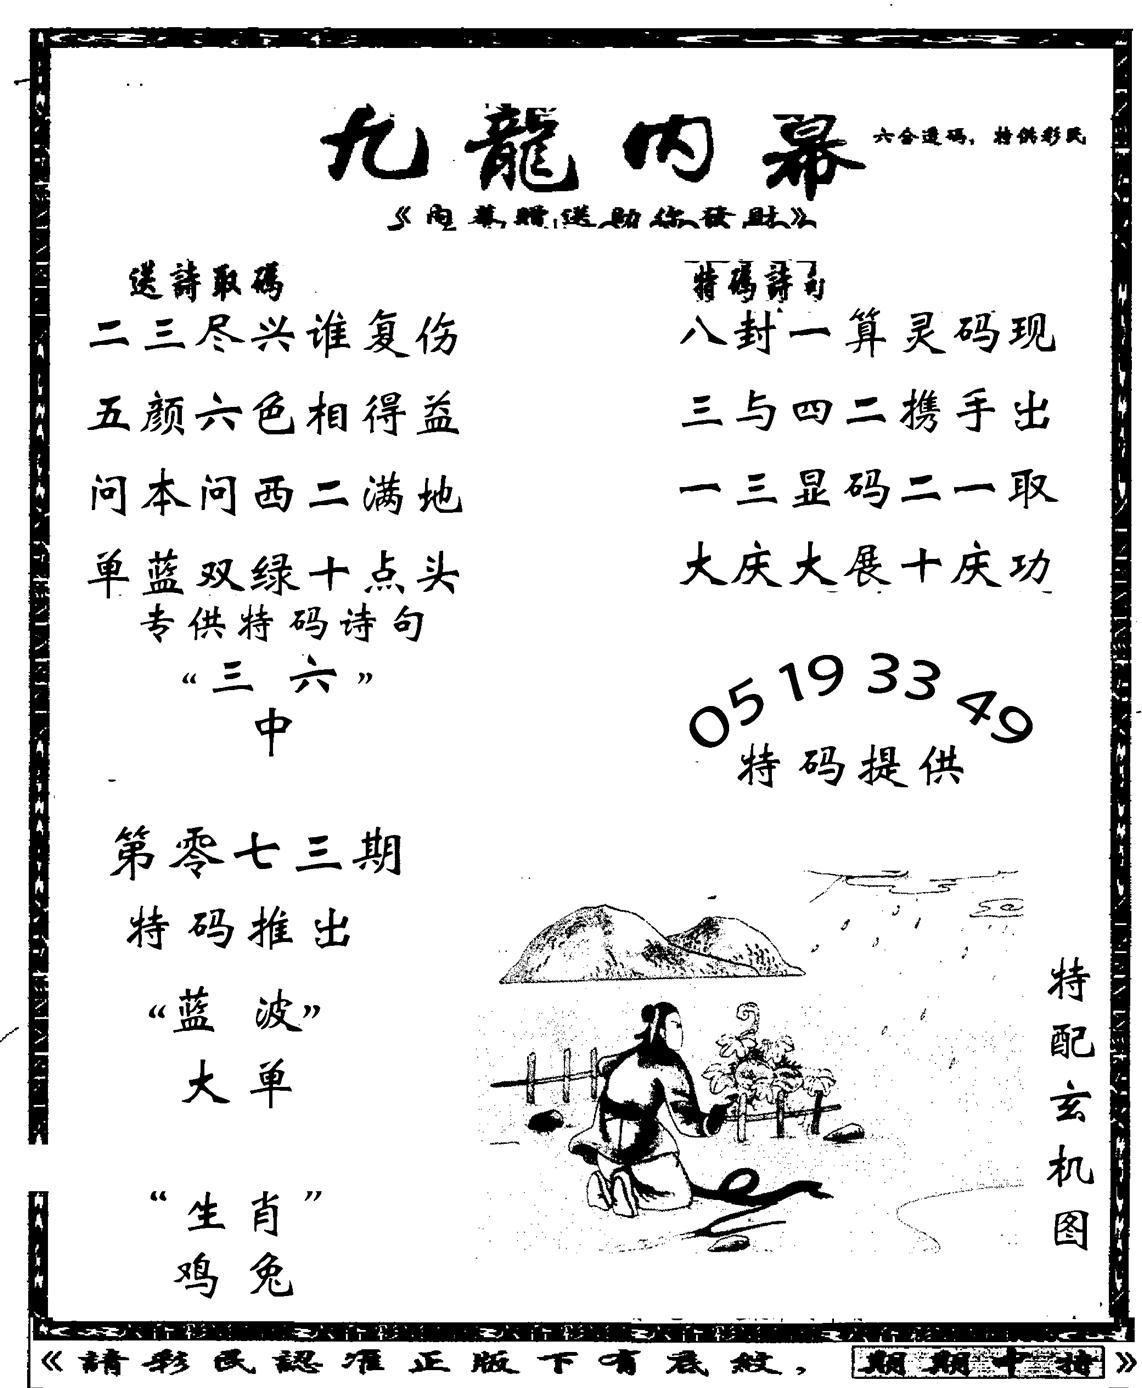 073期老九龙内幕(黑白)